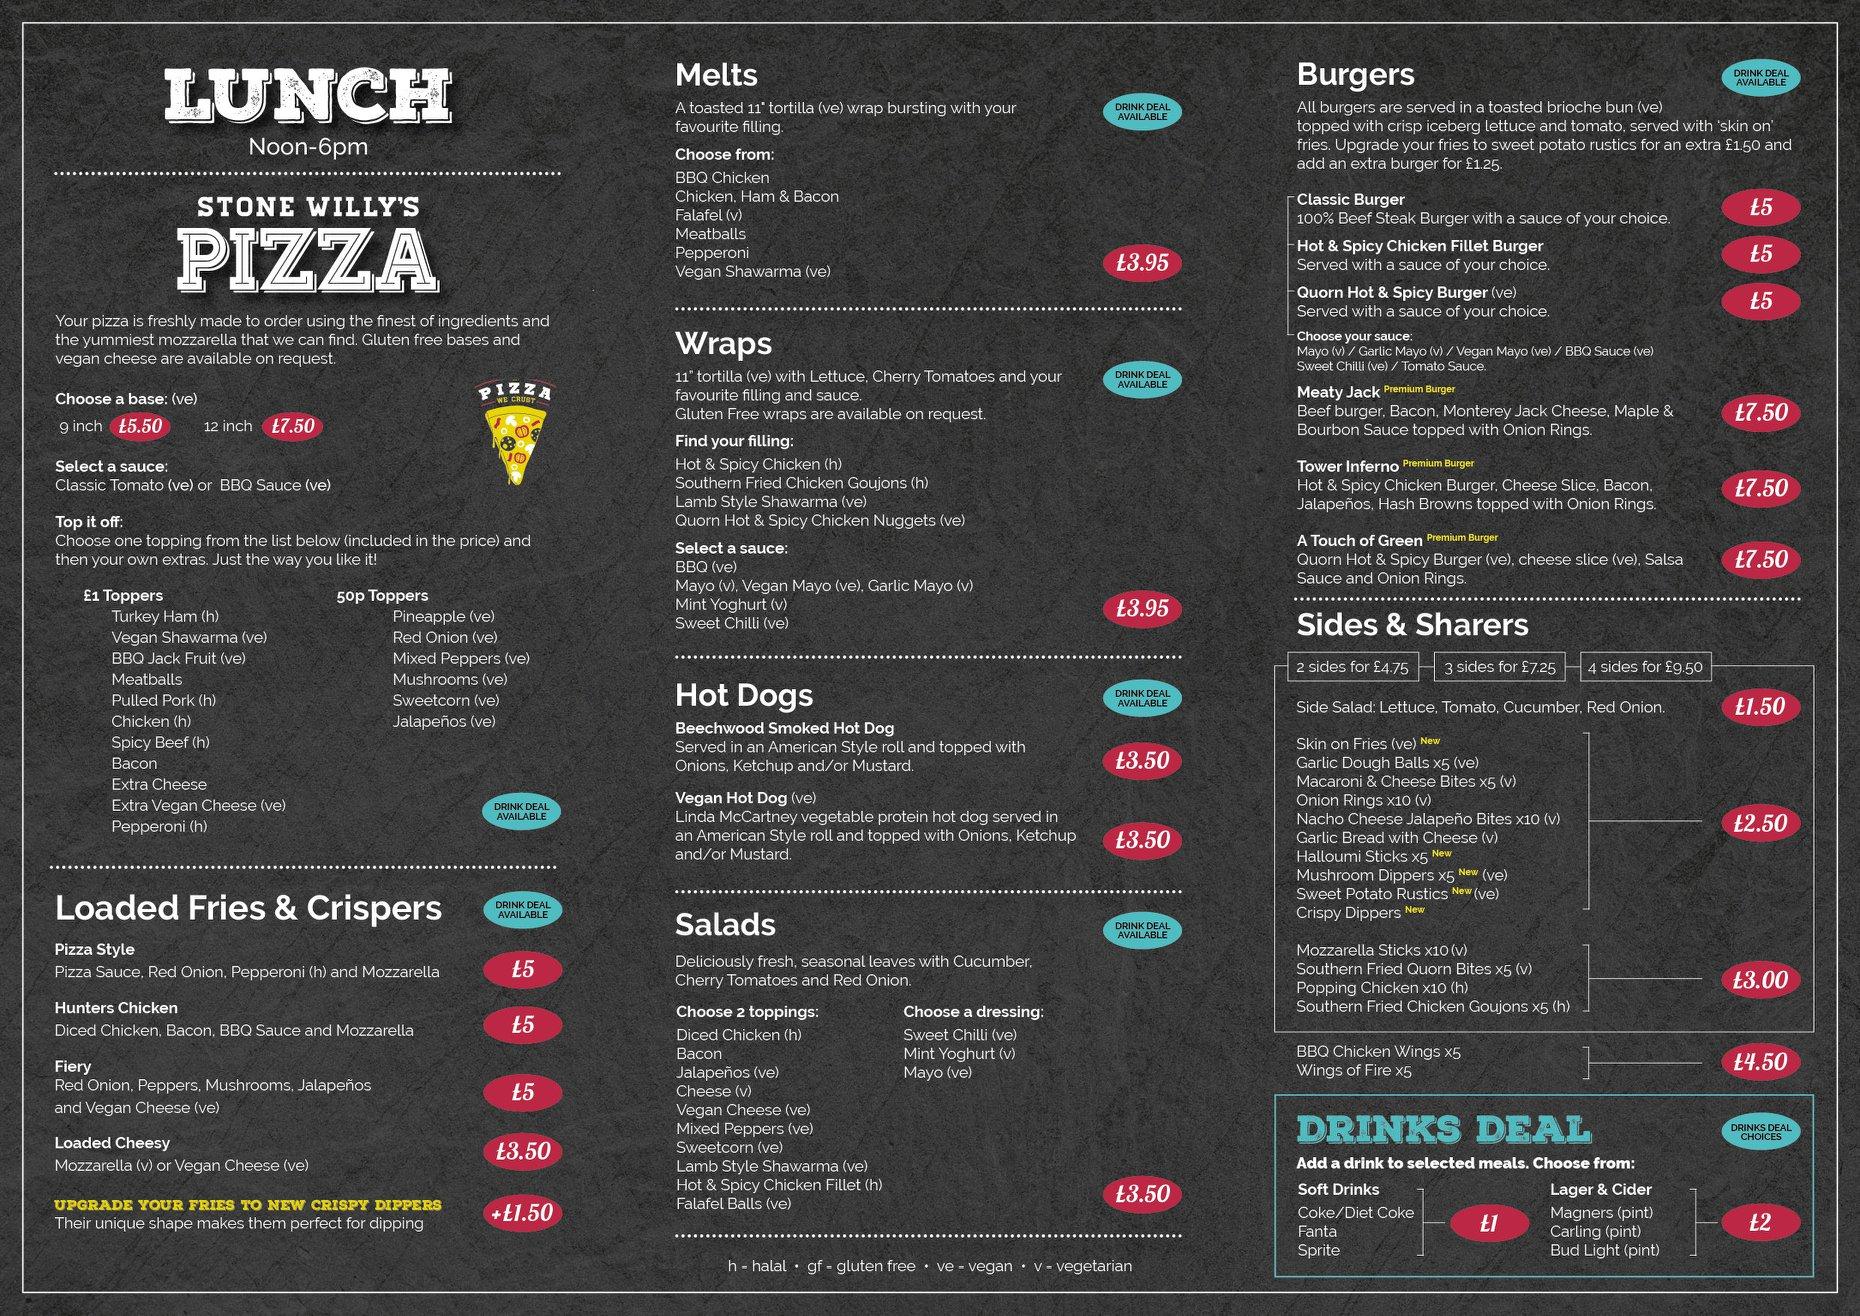 Food and drink menu page 2